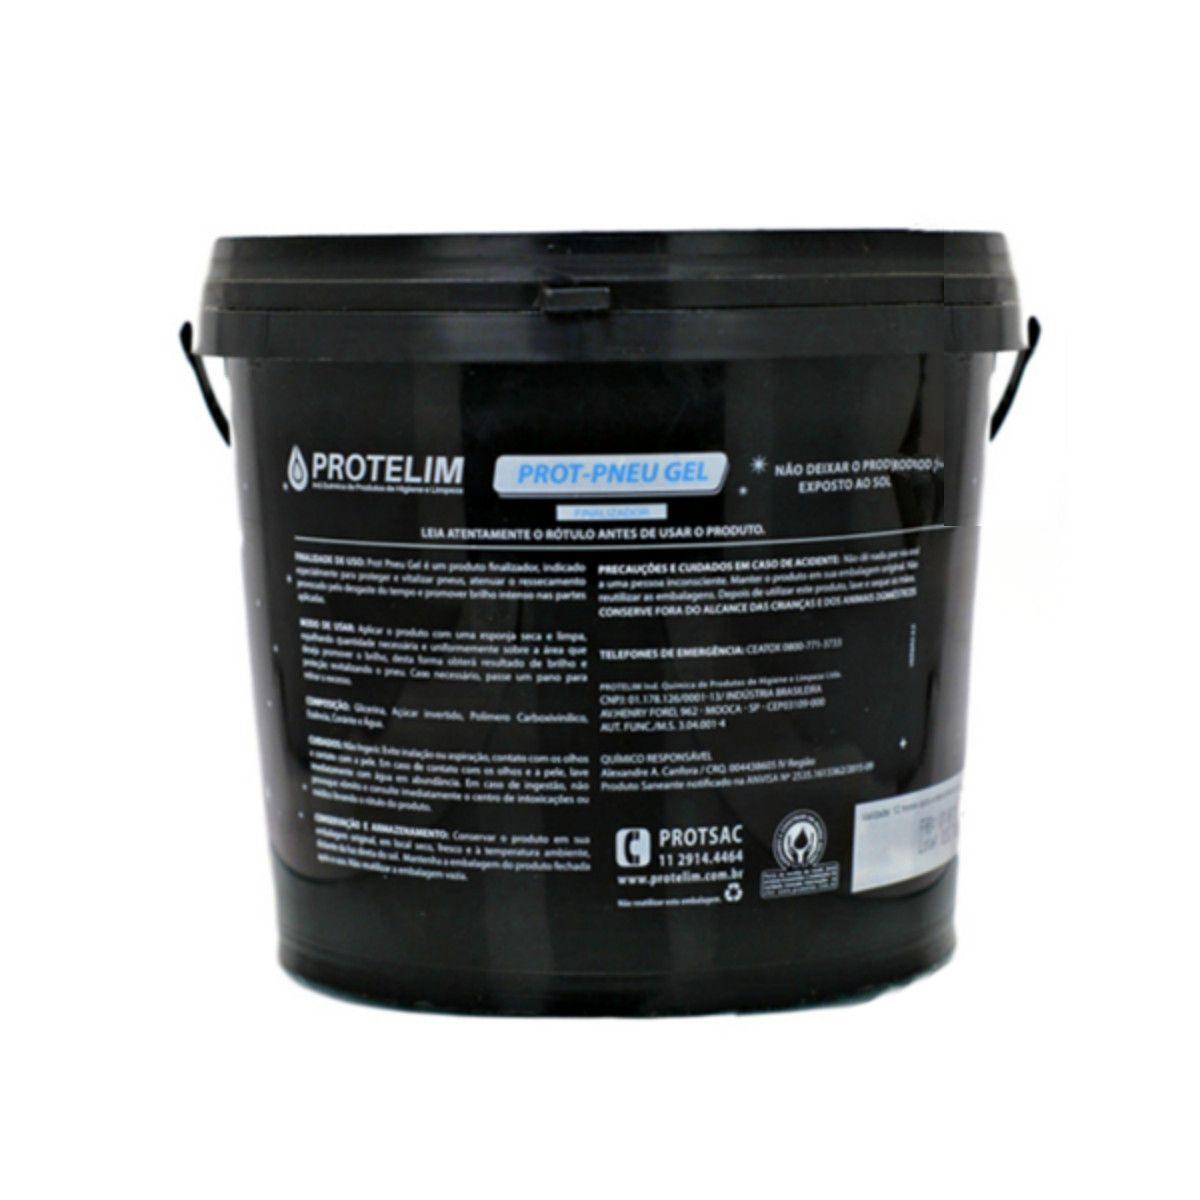 Prot Pneu Gel Protelim  Limpa Pneu 3,6kg